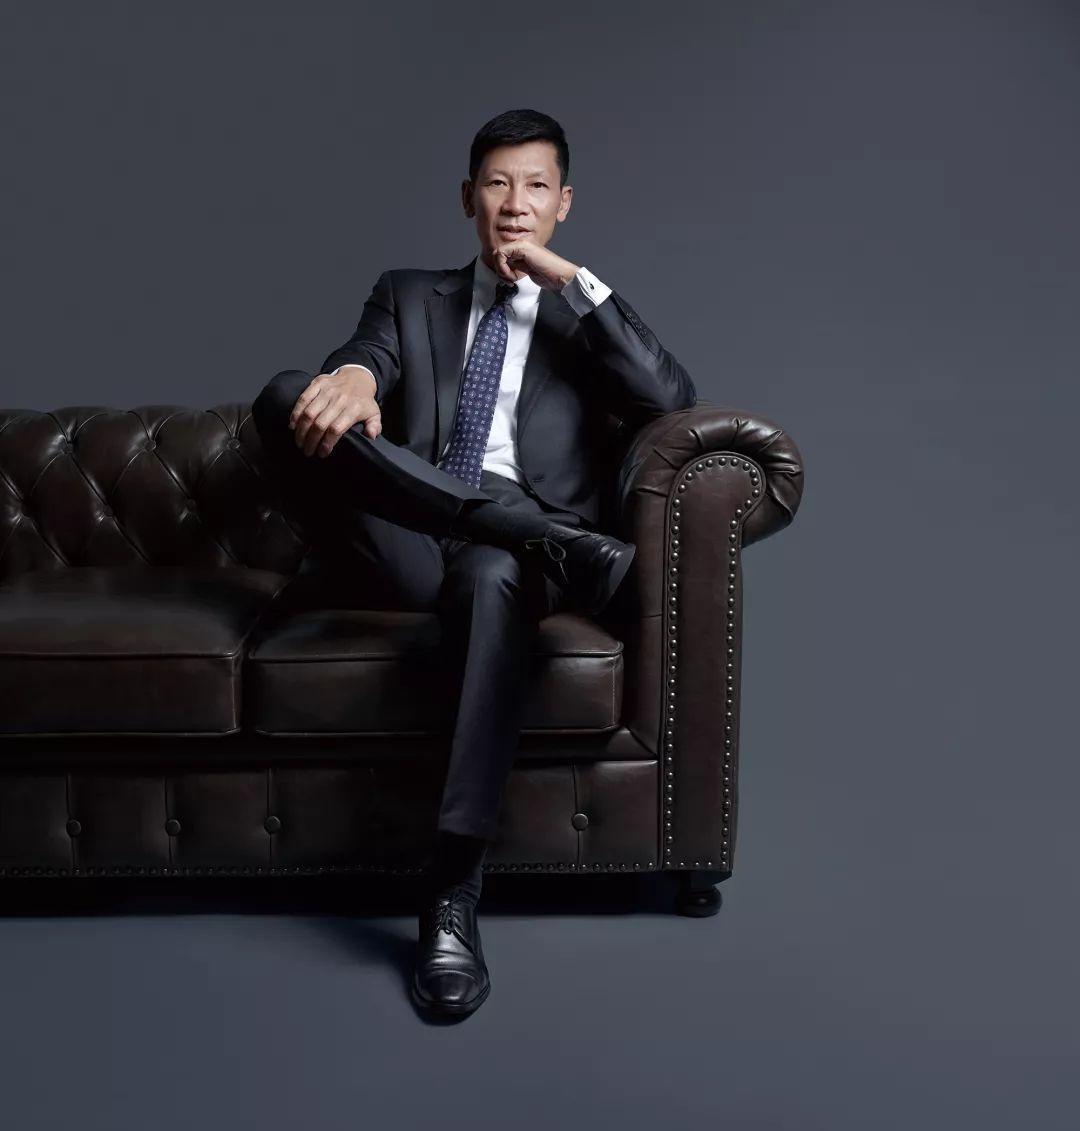 2019:隐形独角兽成为新投资洼地—专访赛麟汽车董事长王晓麟博士